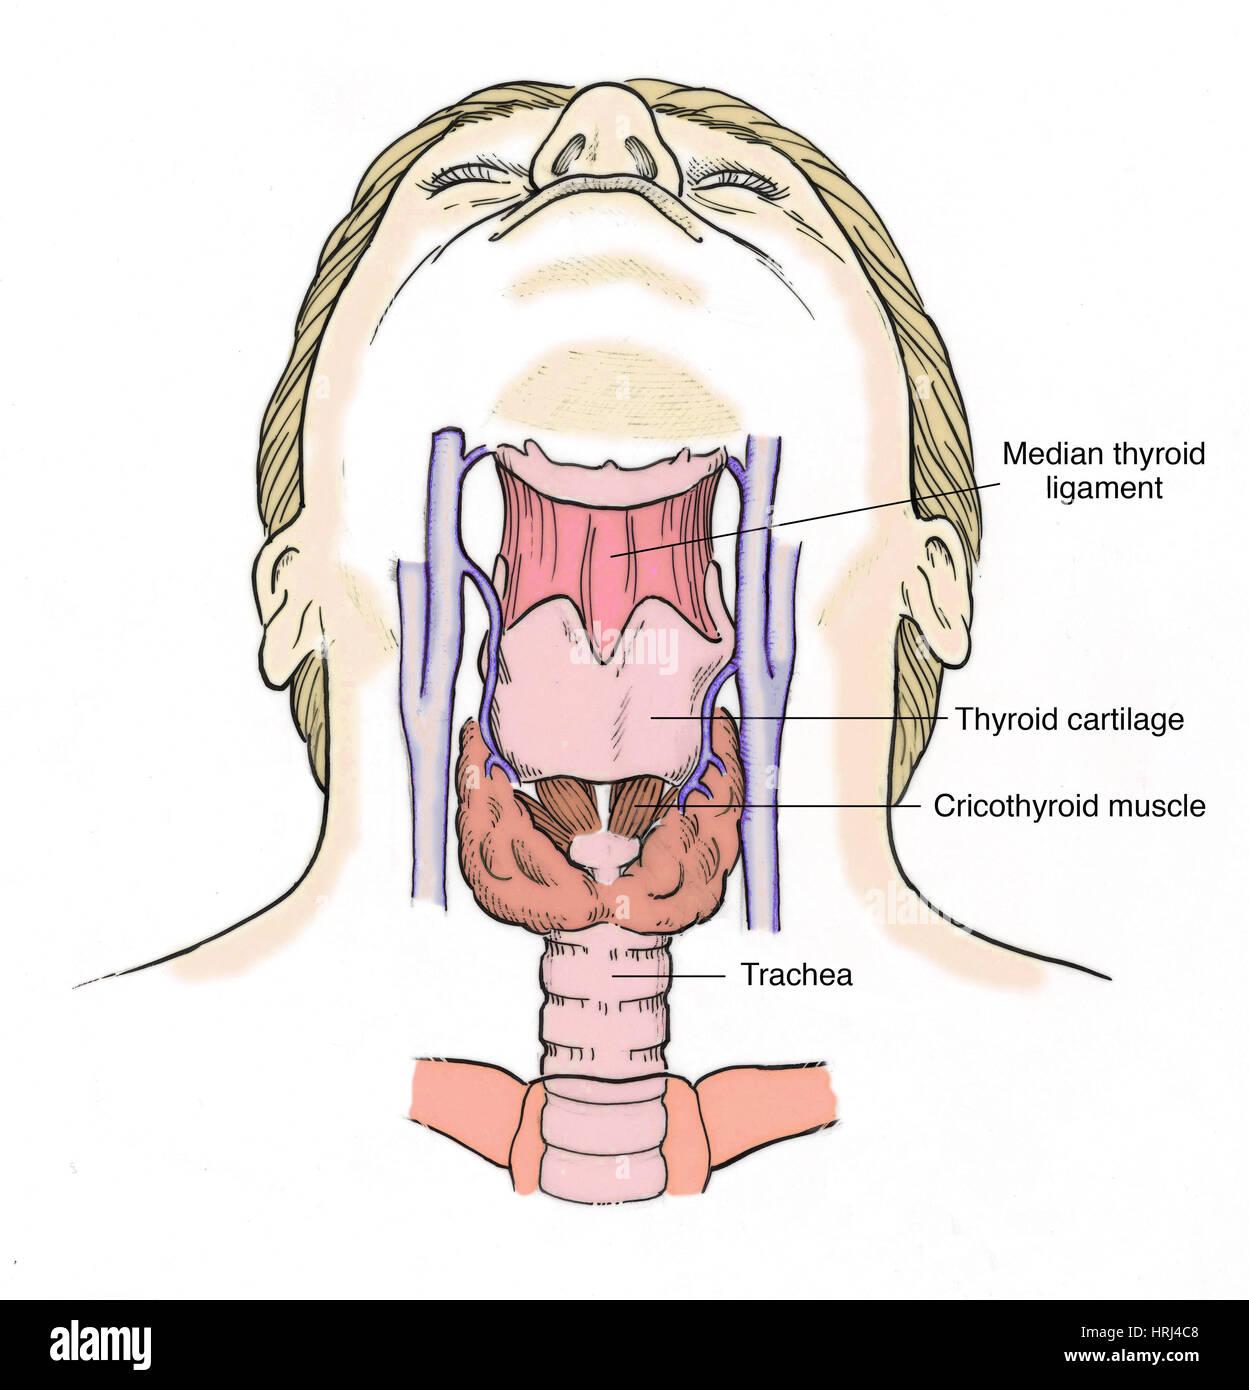 Anatomie Gorge illustration de l'anatomie de la gorge banque d'images, photo stock